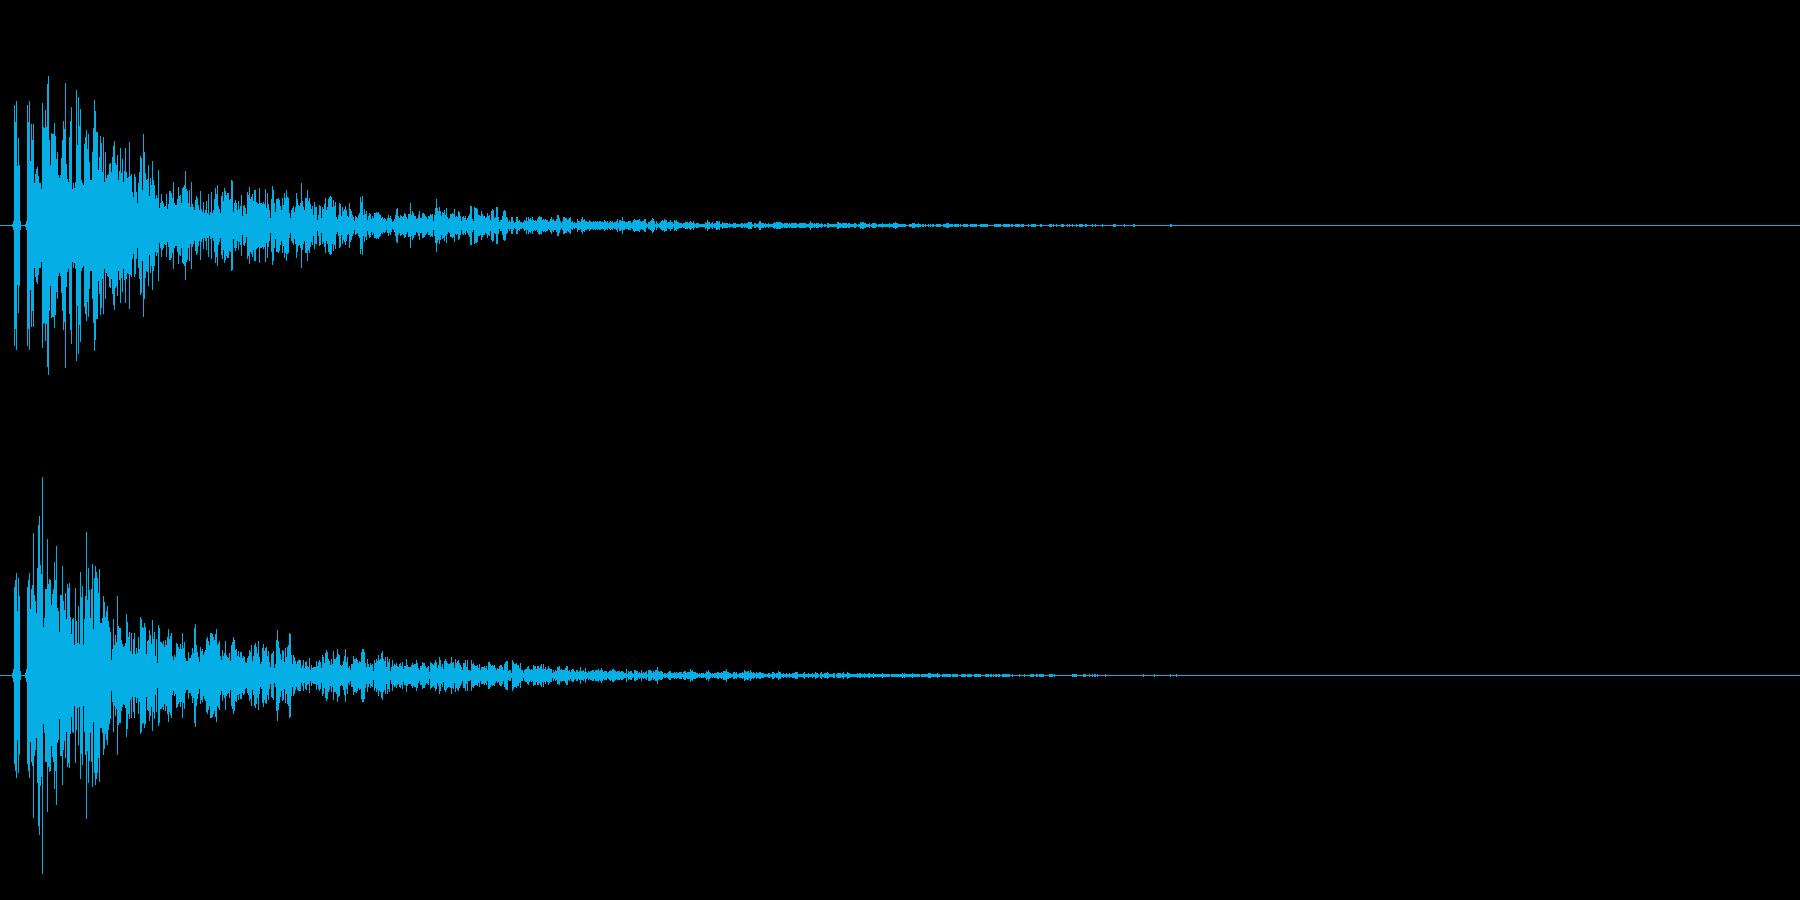 バスケットボールのダンクシュート音!01の再生済みの波形